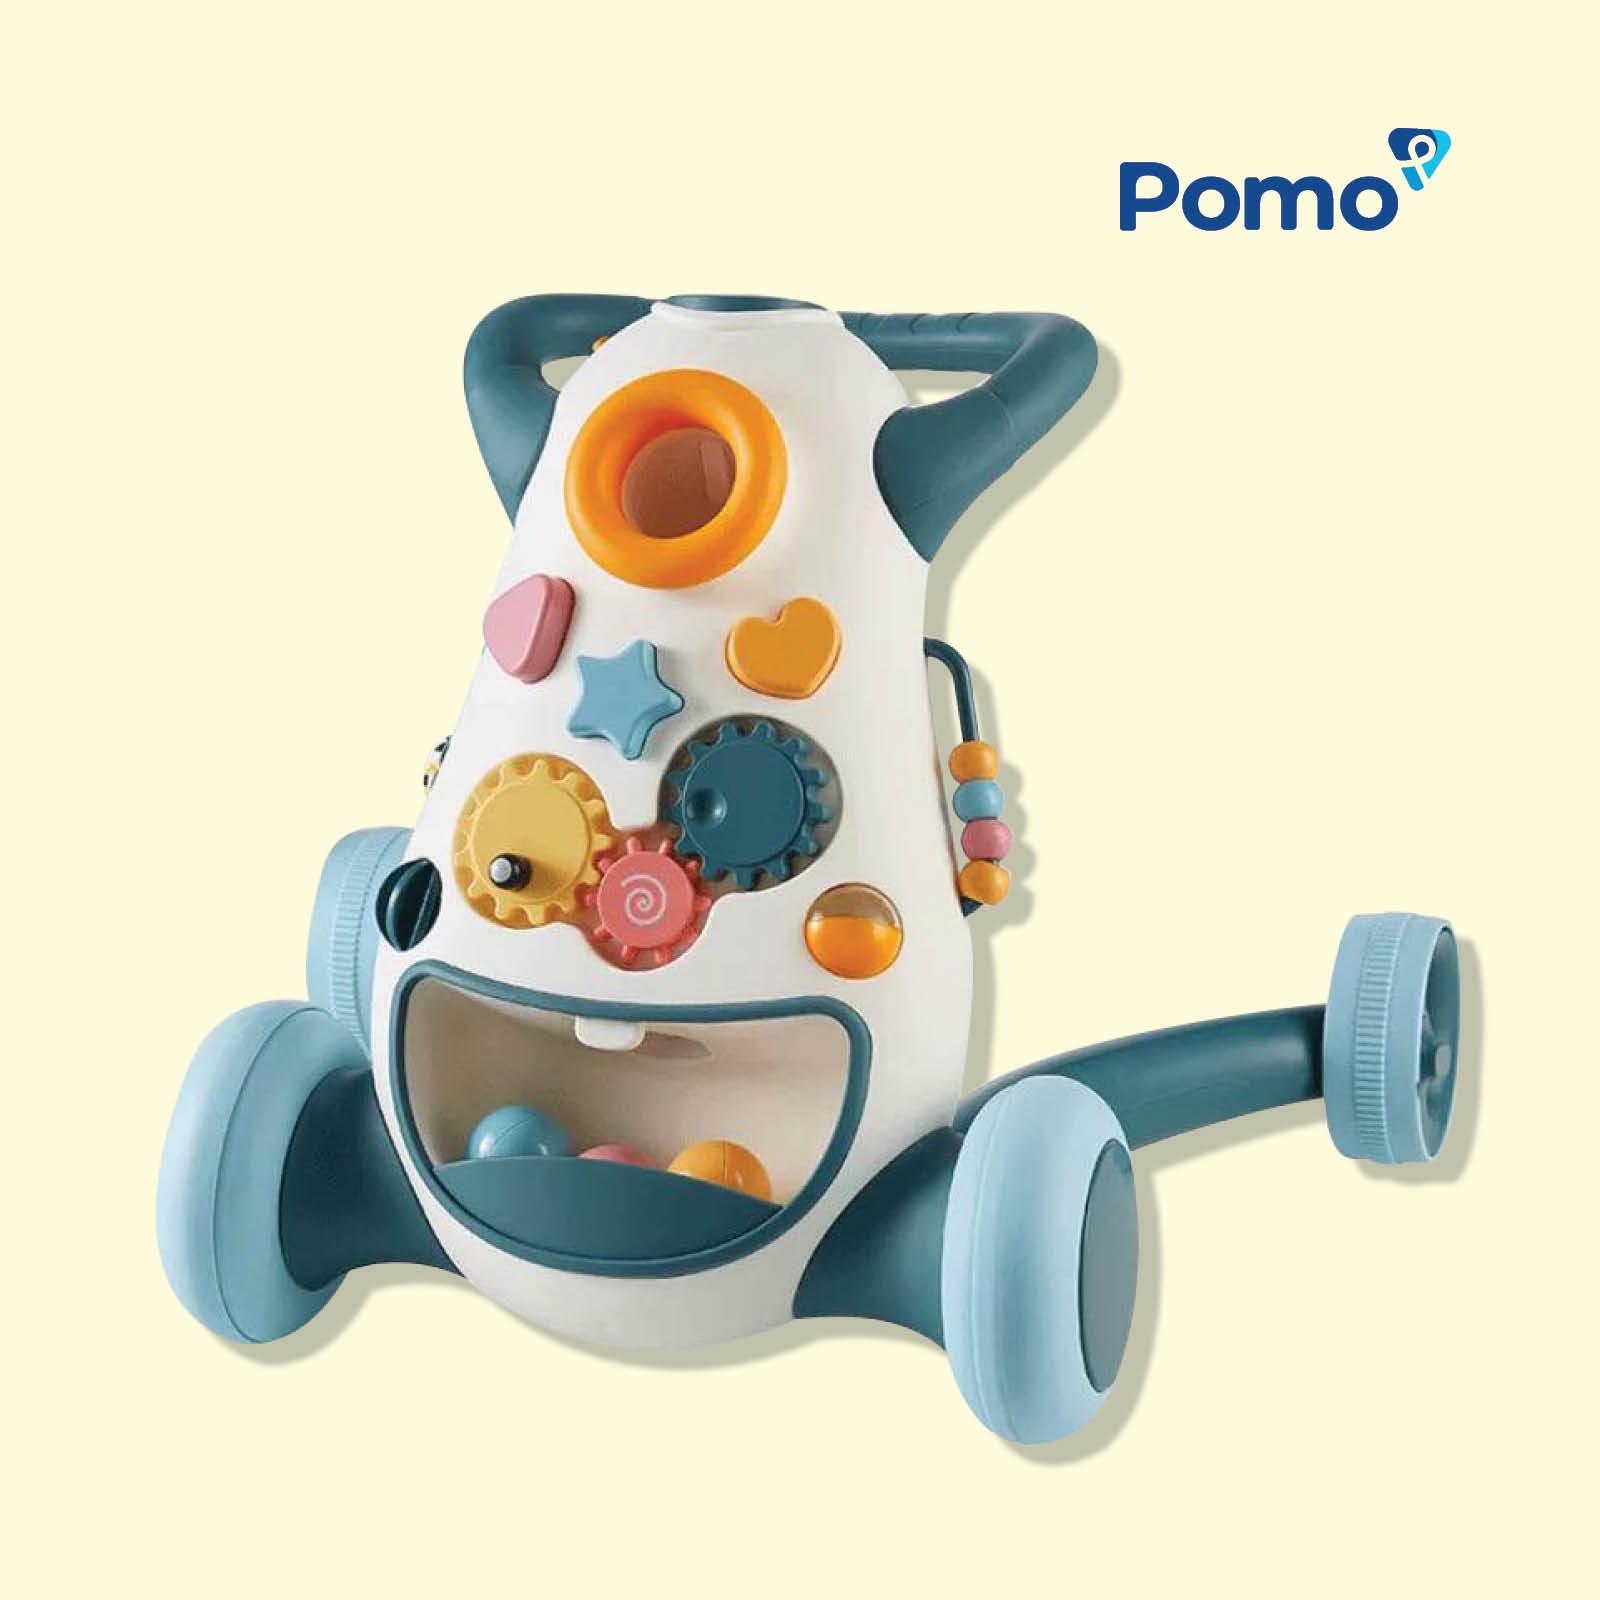 Xe tập đi Holla cao cấp vừa tập đi cho bé vừa làm đồ chơi thông minh